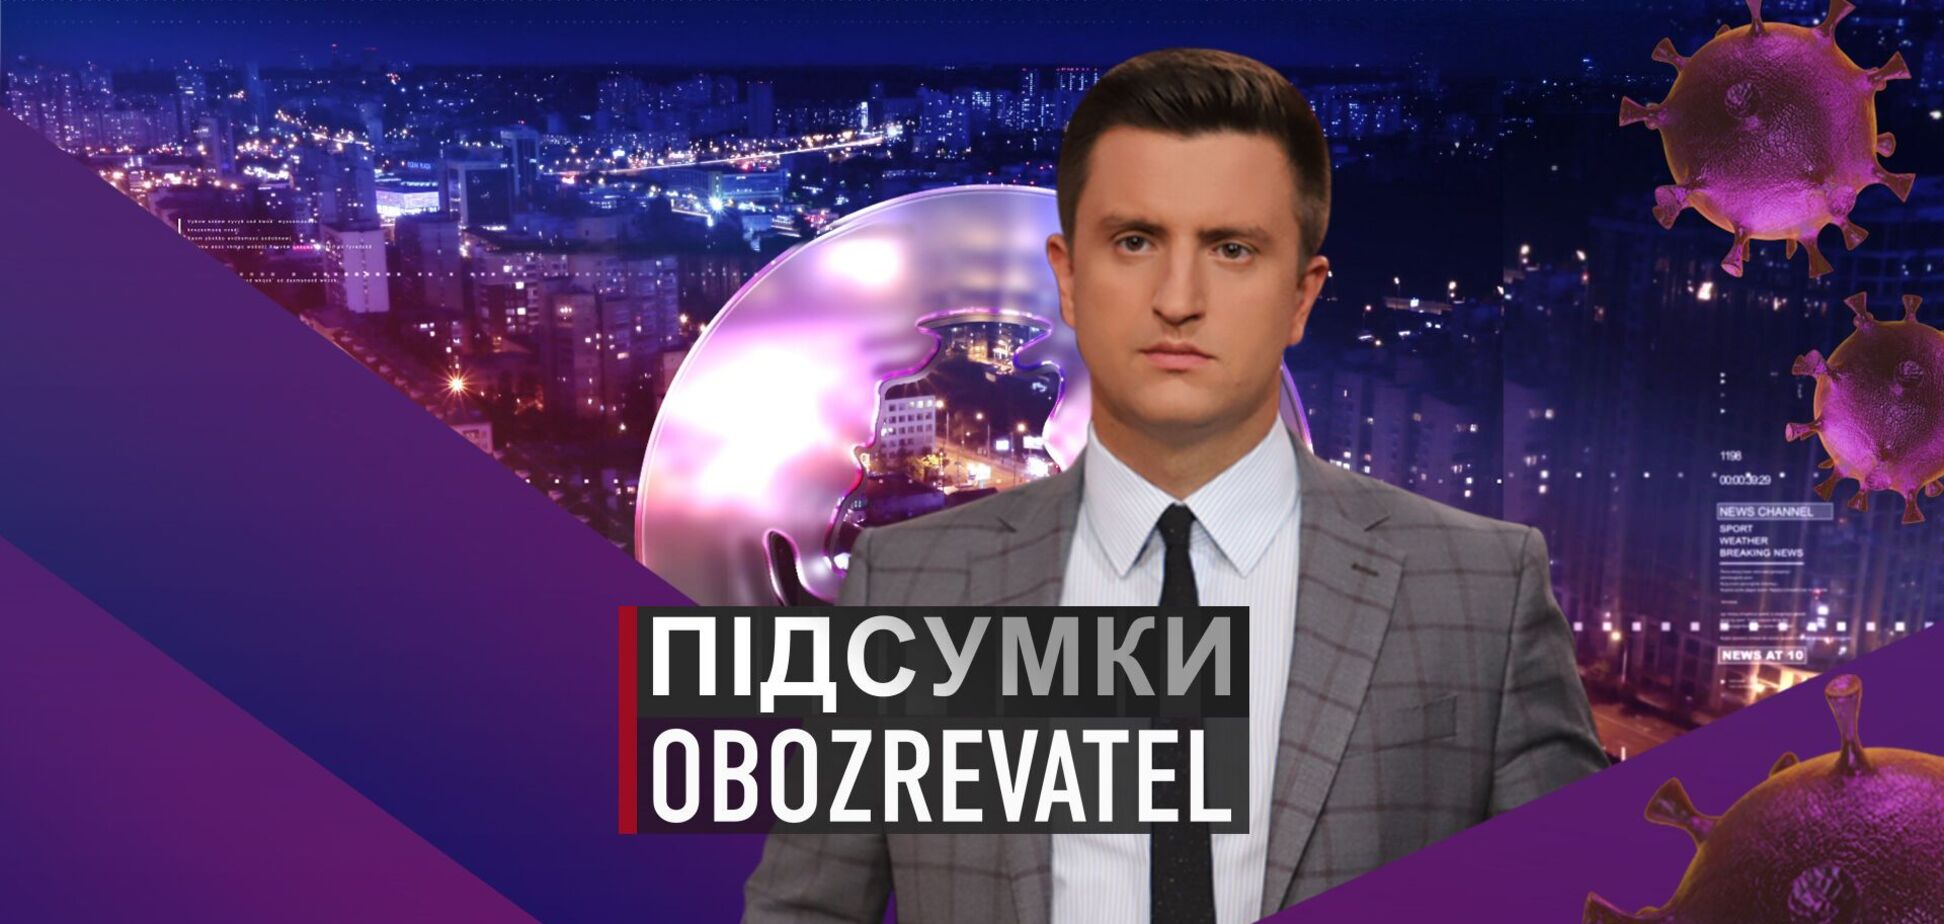 Підсумки з Вадимом Колодійчуком. Середа, 4 серпня